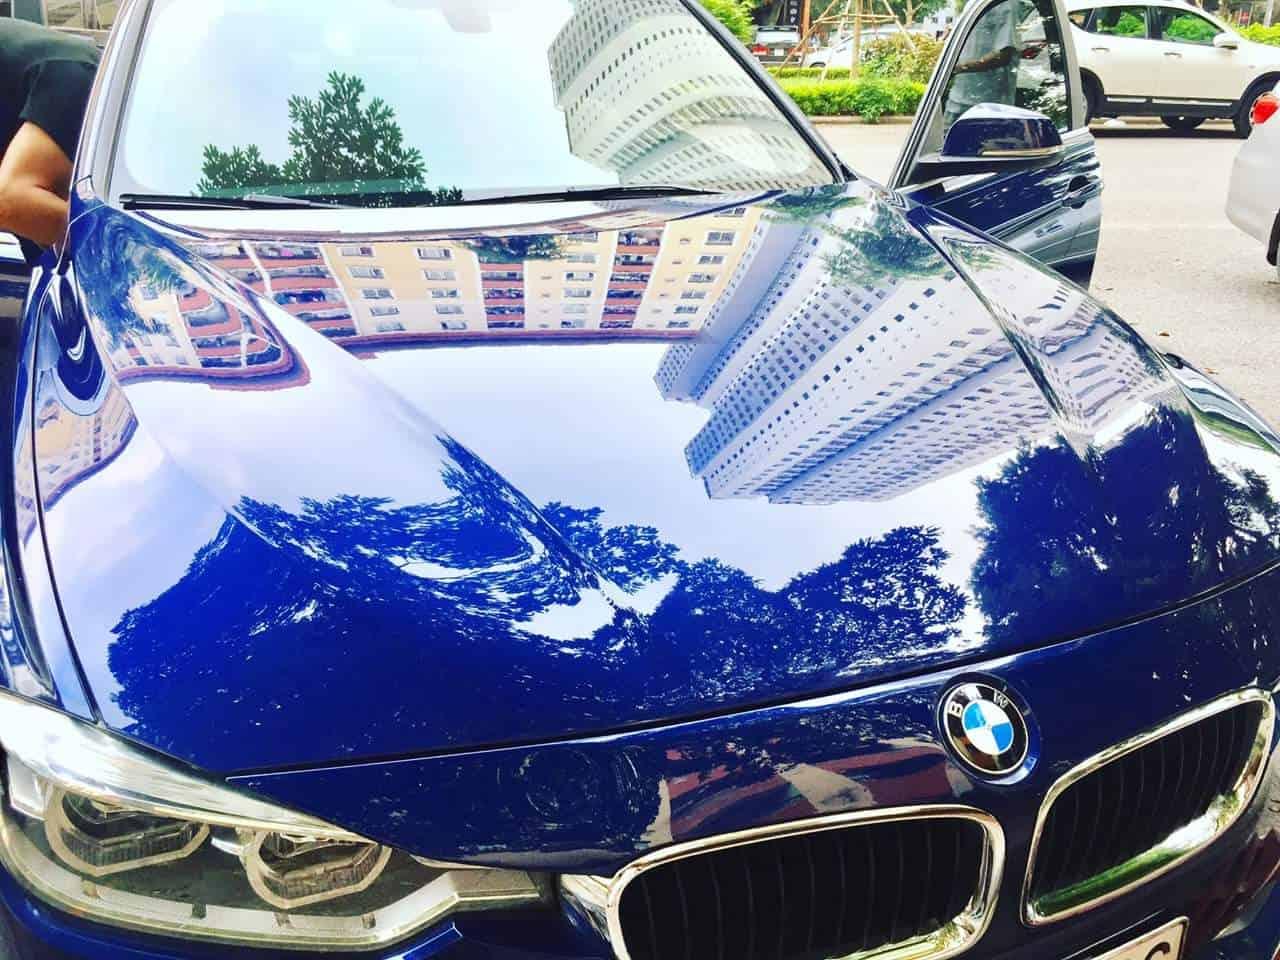 Lớp Nano Ceramic bảo vệ vững chắc cho sơn xe